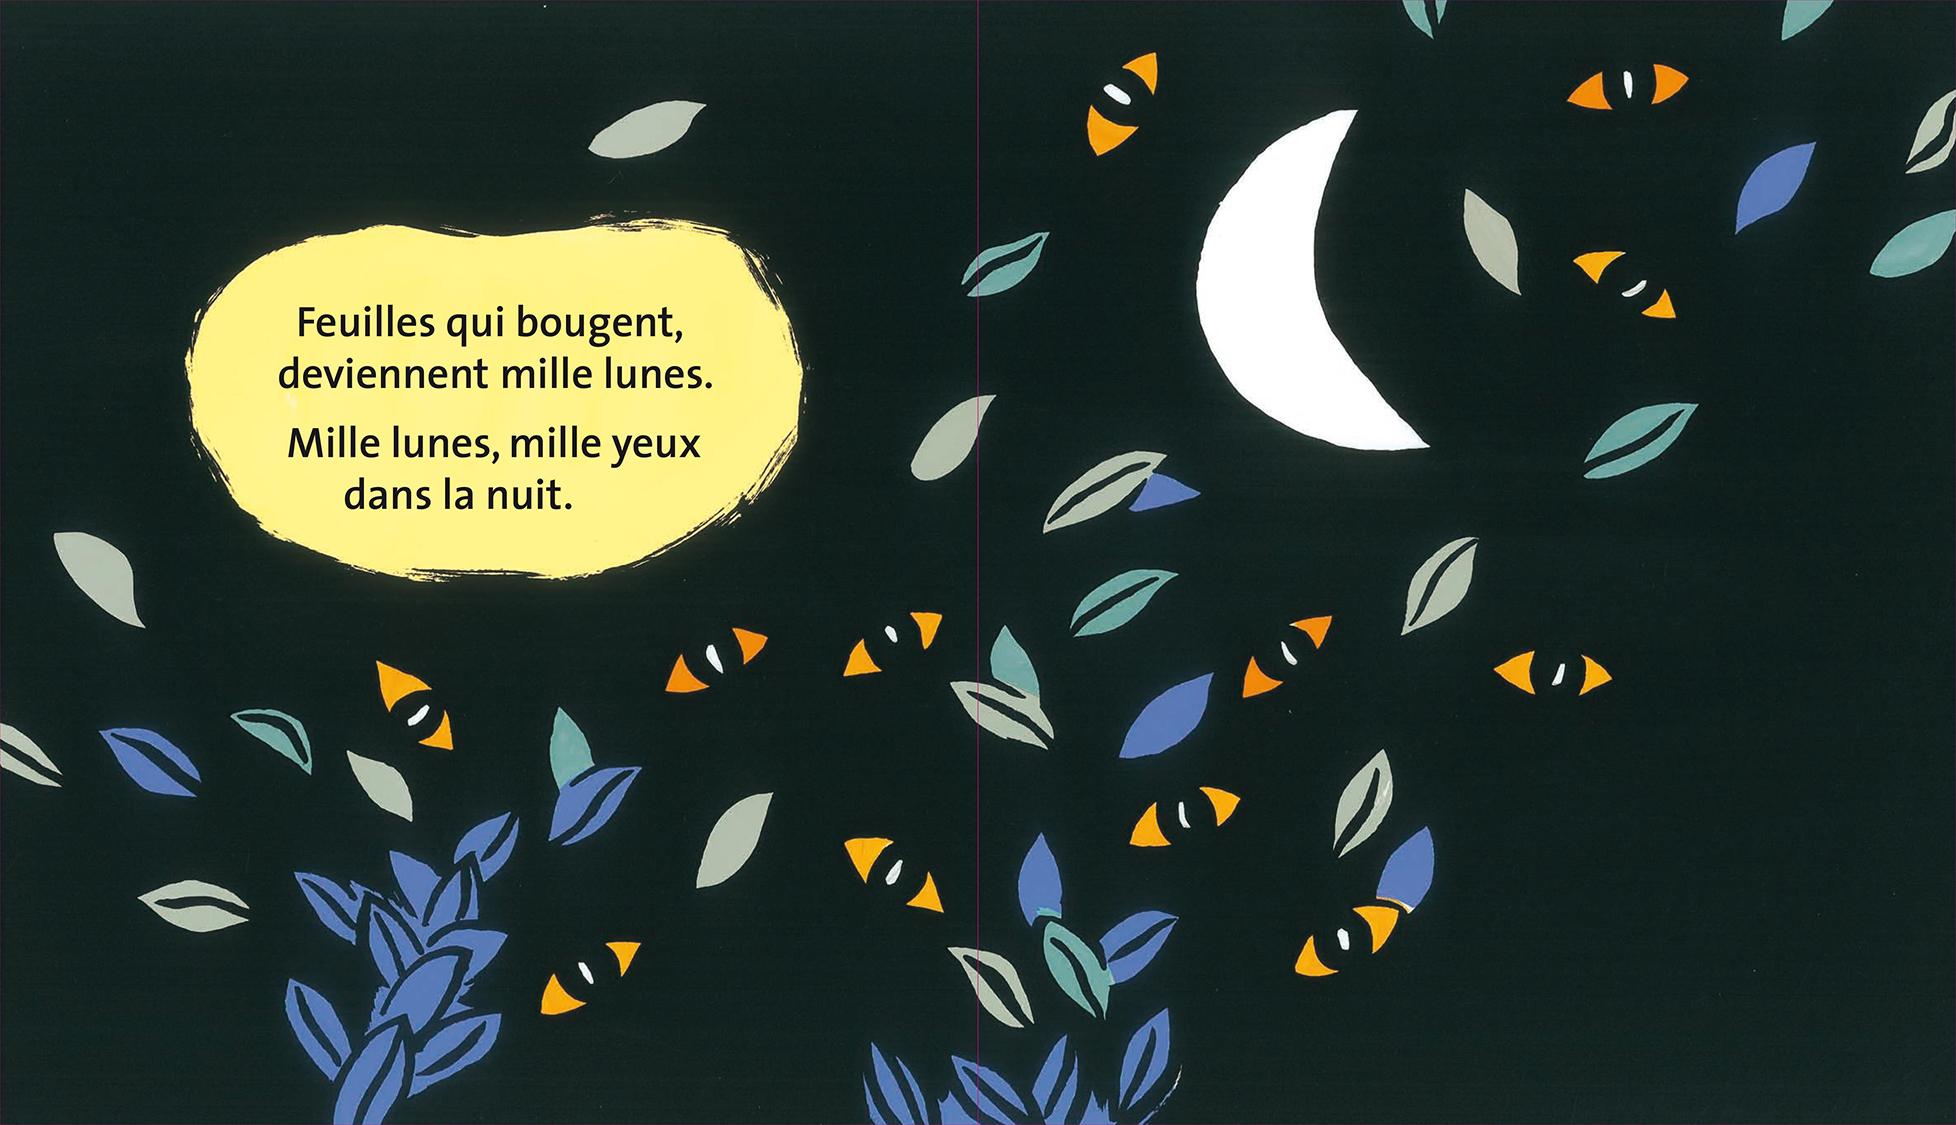 Le rêve de griffachat Magali Bardos Pastel L'école des loisirs album cartonné 0-3 ans chat nuit silhouette transformation lune yeux feuilles qui bougent dans la nuit souris château